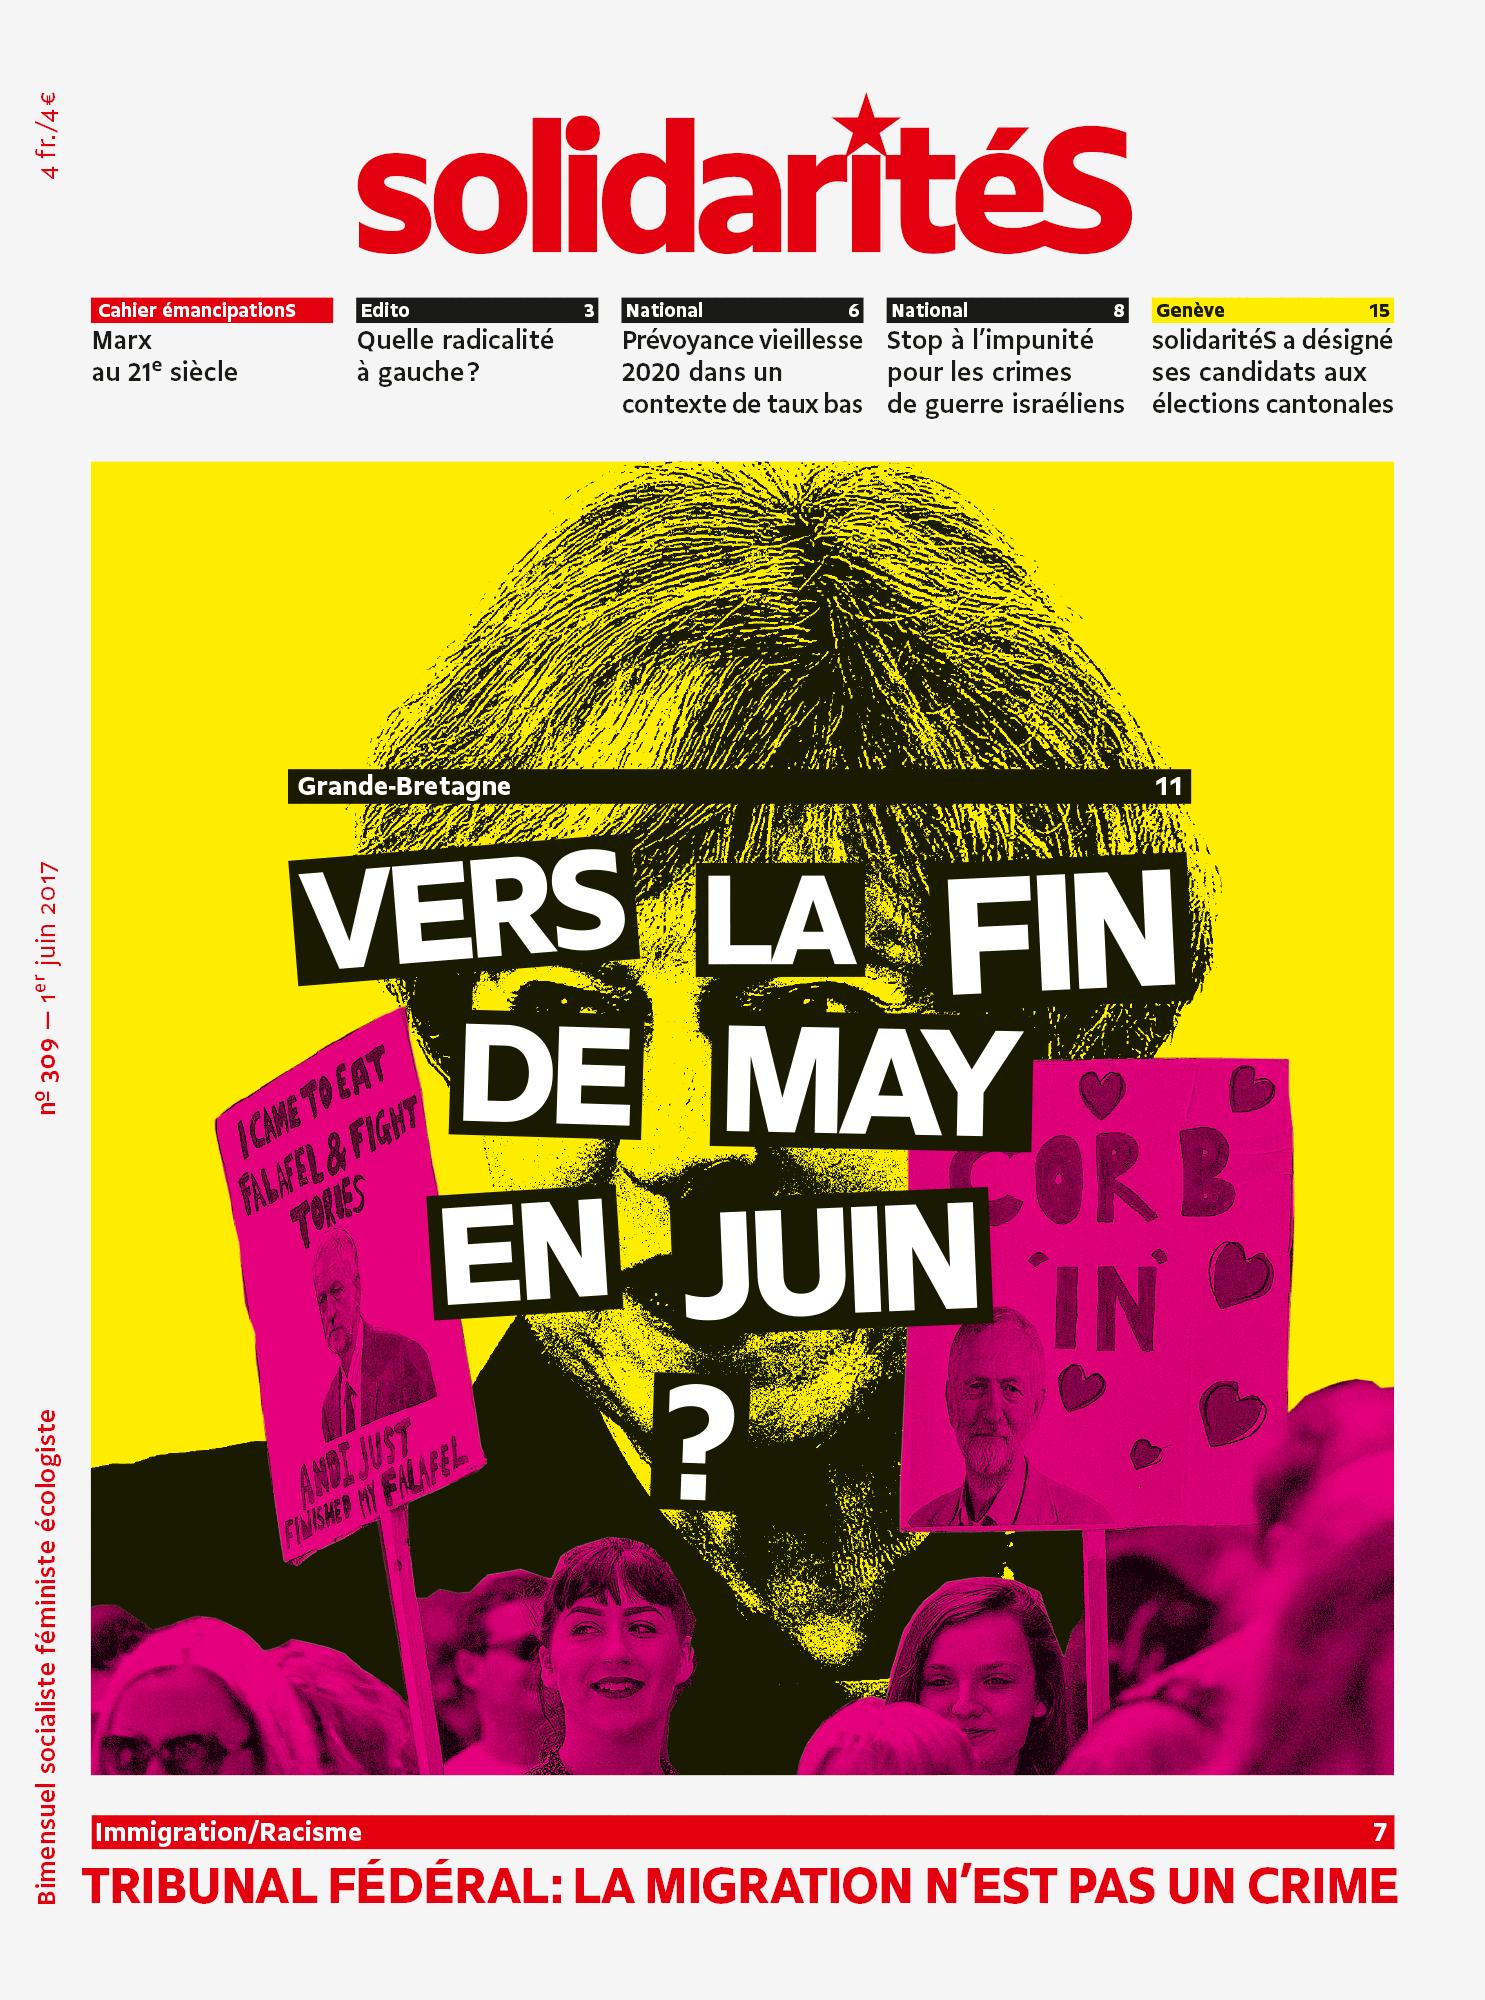 Couverture du numéro 309 du bimensuel solidaritéS